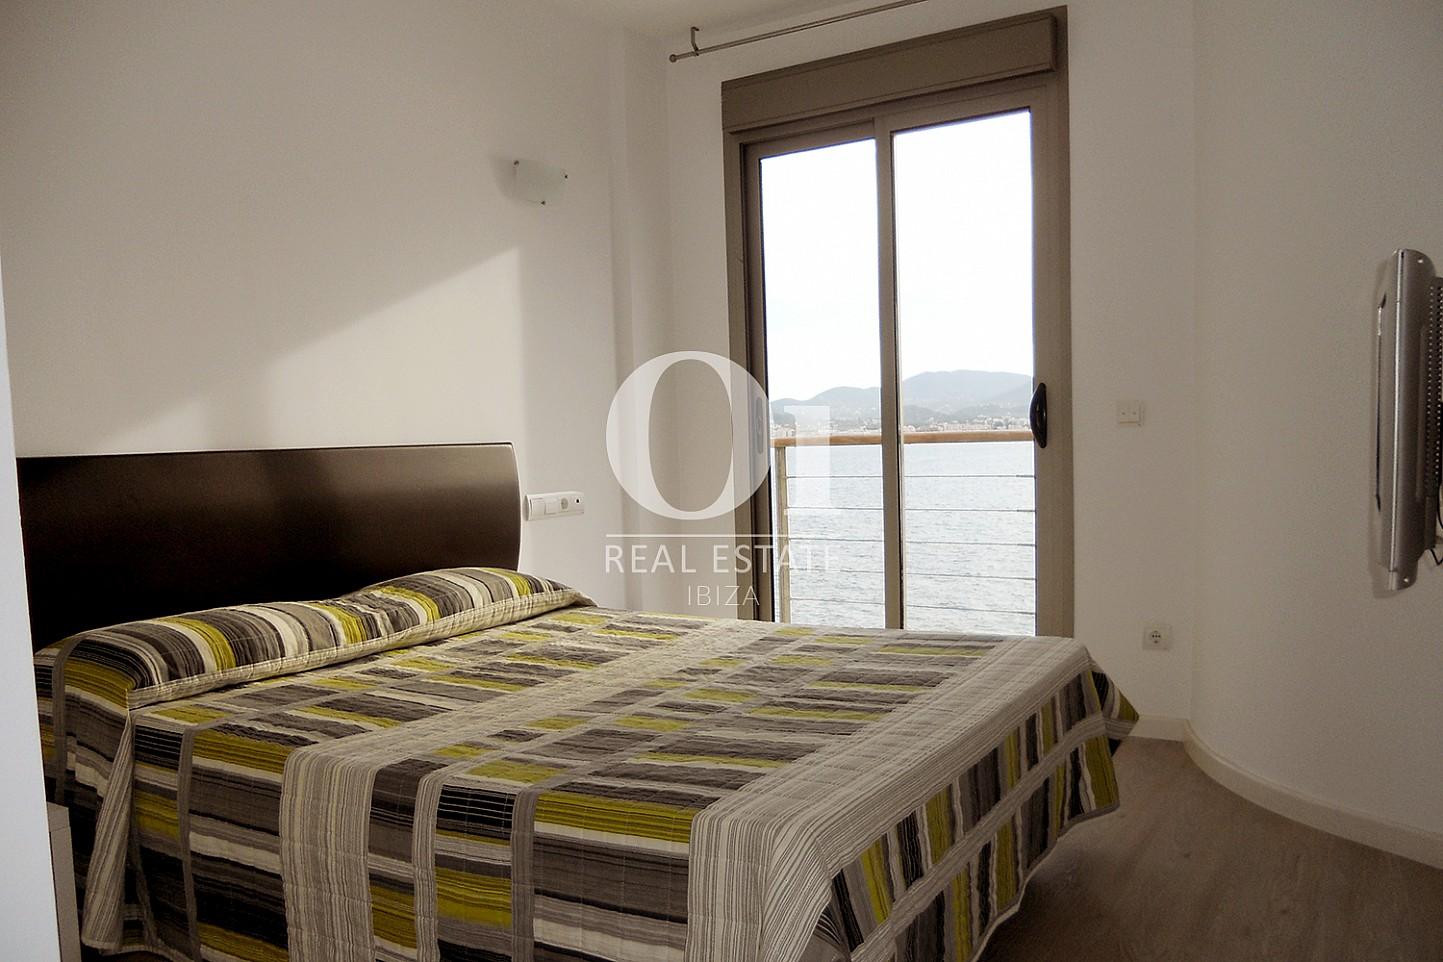 Dormitorio doble de piso en venta en Cala Gració, zona de Sant Antoni, Ibiza